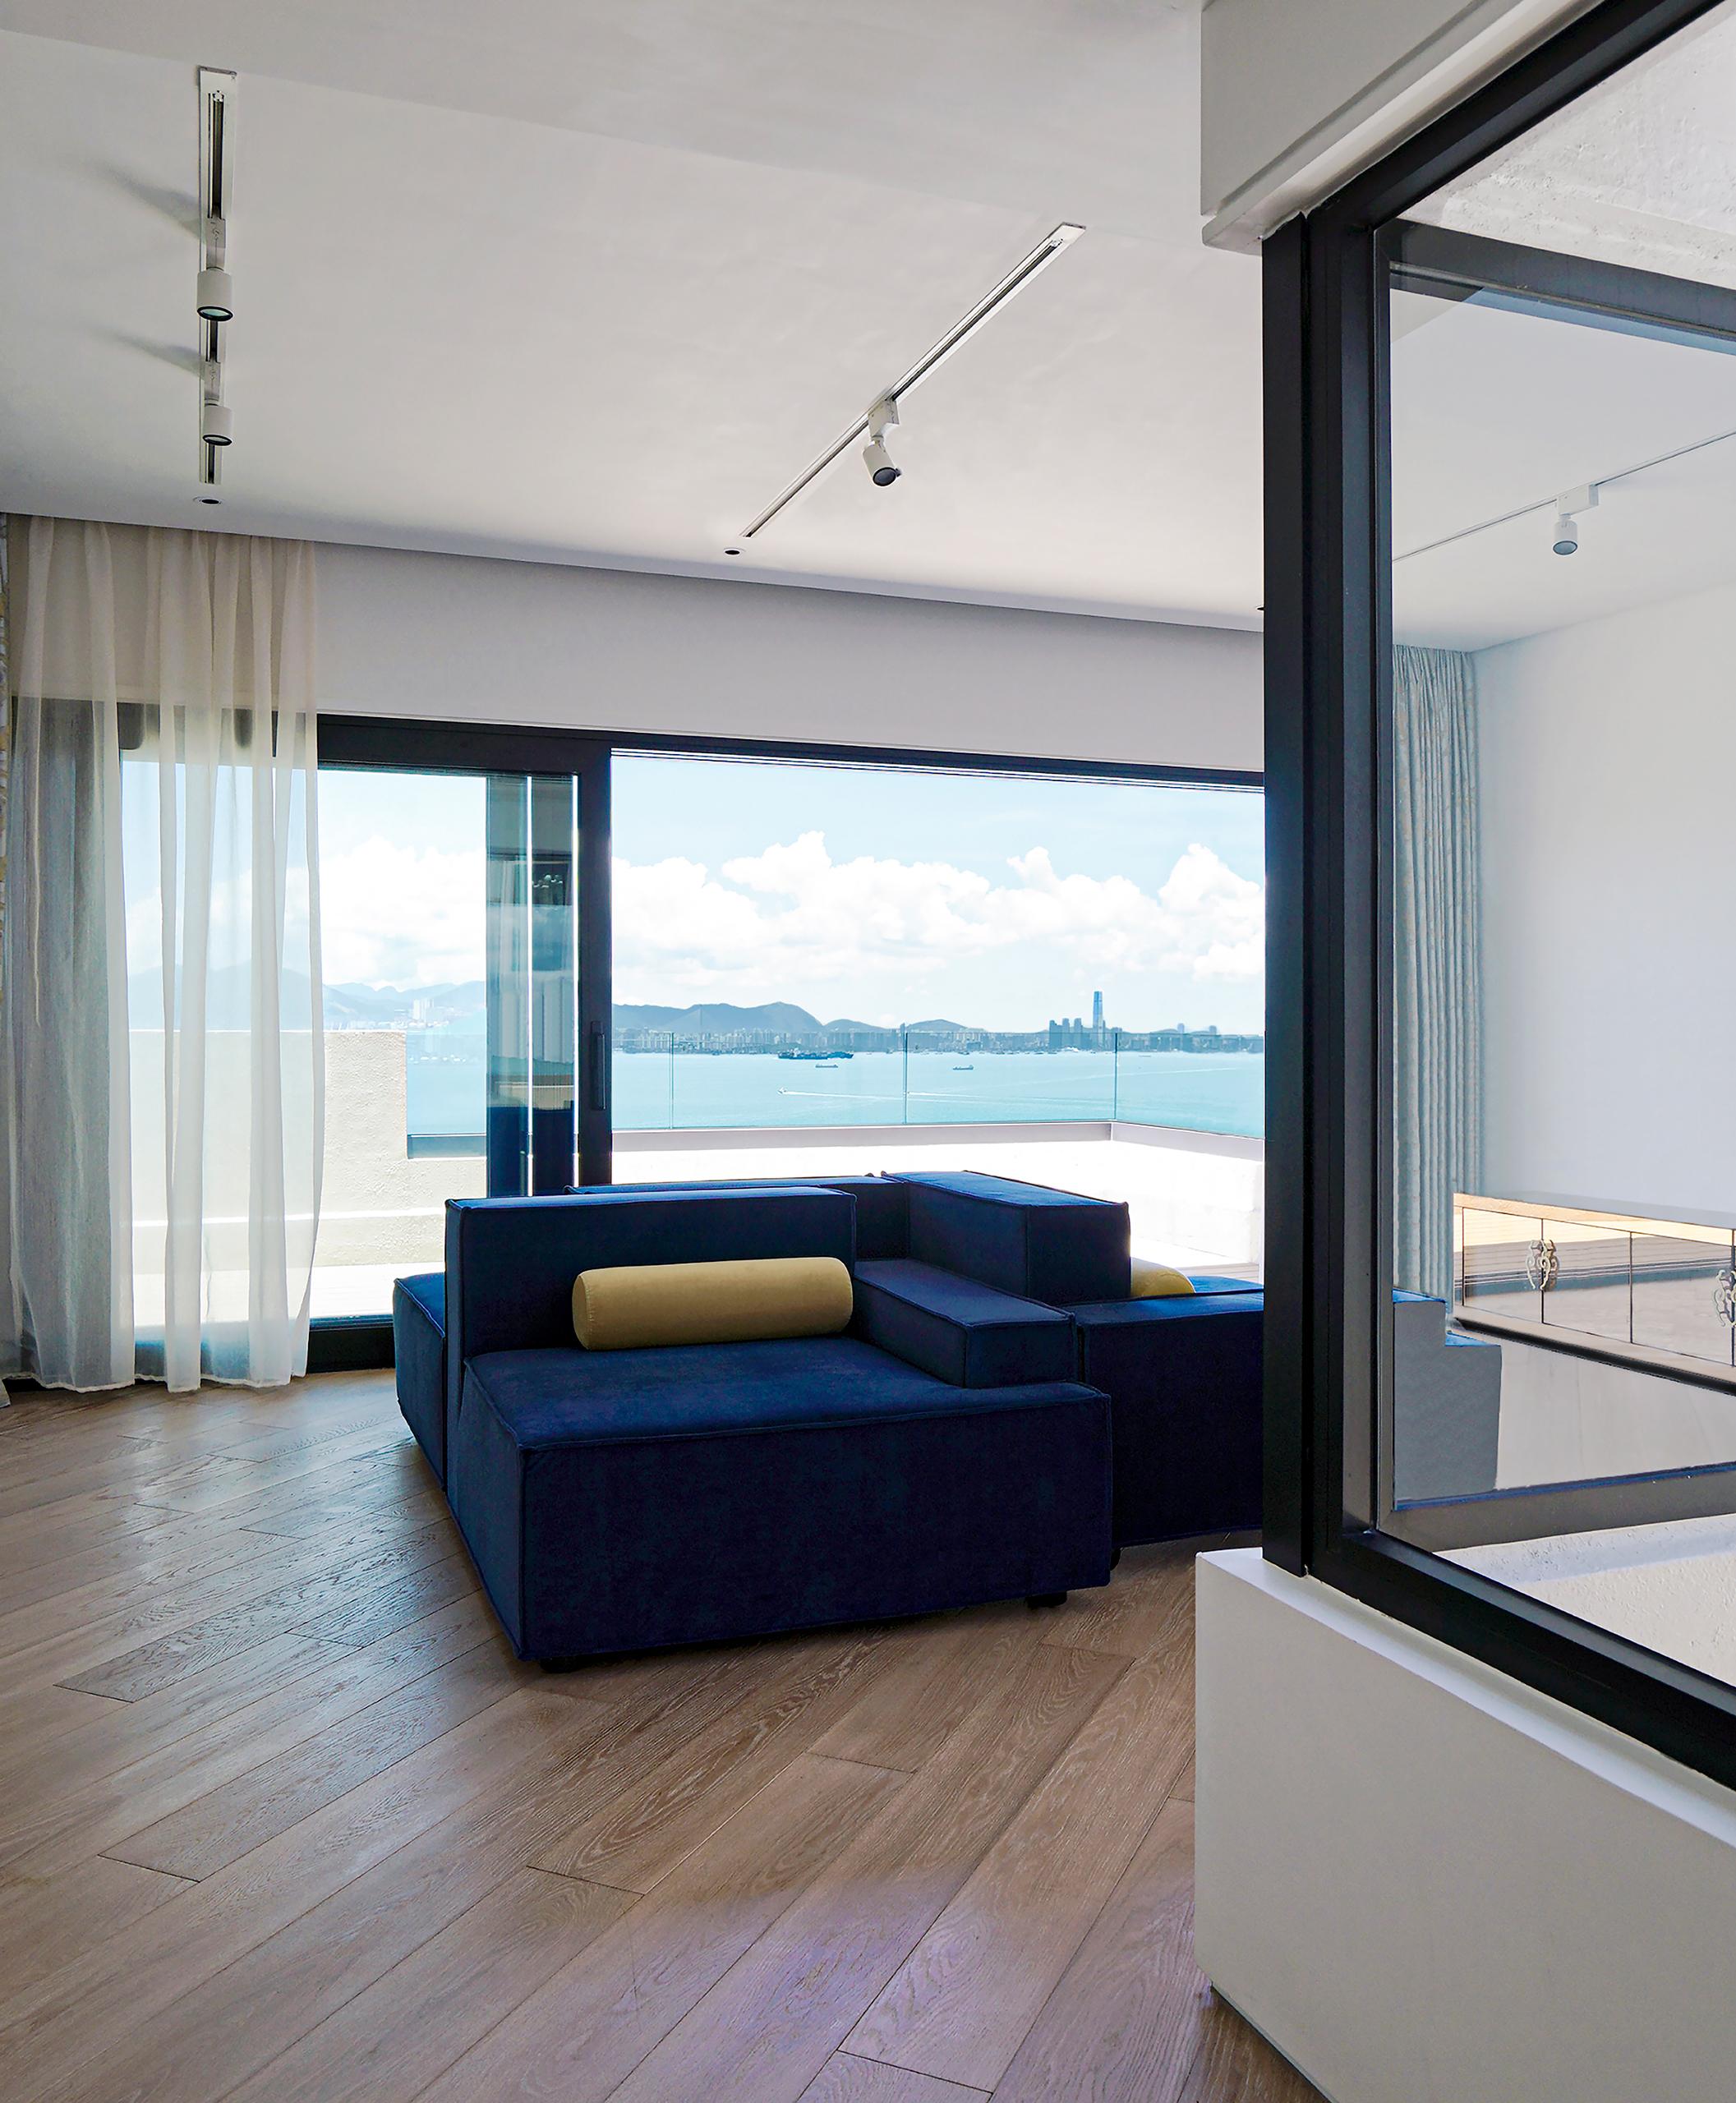 JS - Aluminium Windows in Hong Kong 香港優質鋁窗公司 – Aliplast